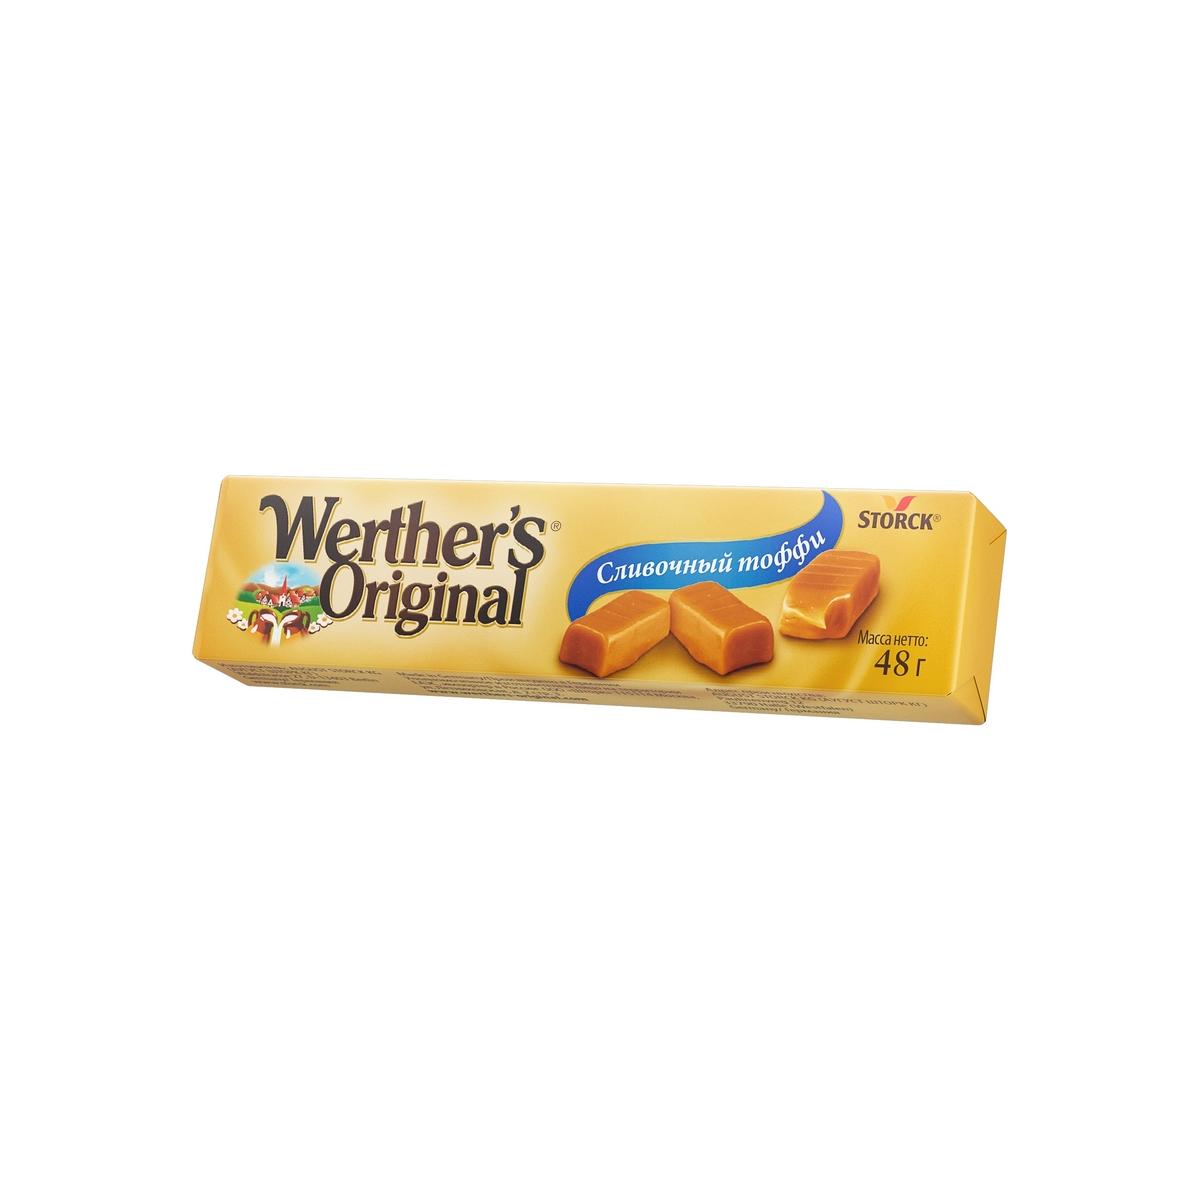 Мягкий ирис сливочный тоффи  Werthers Original